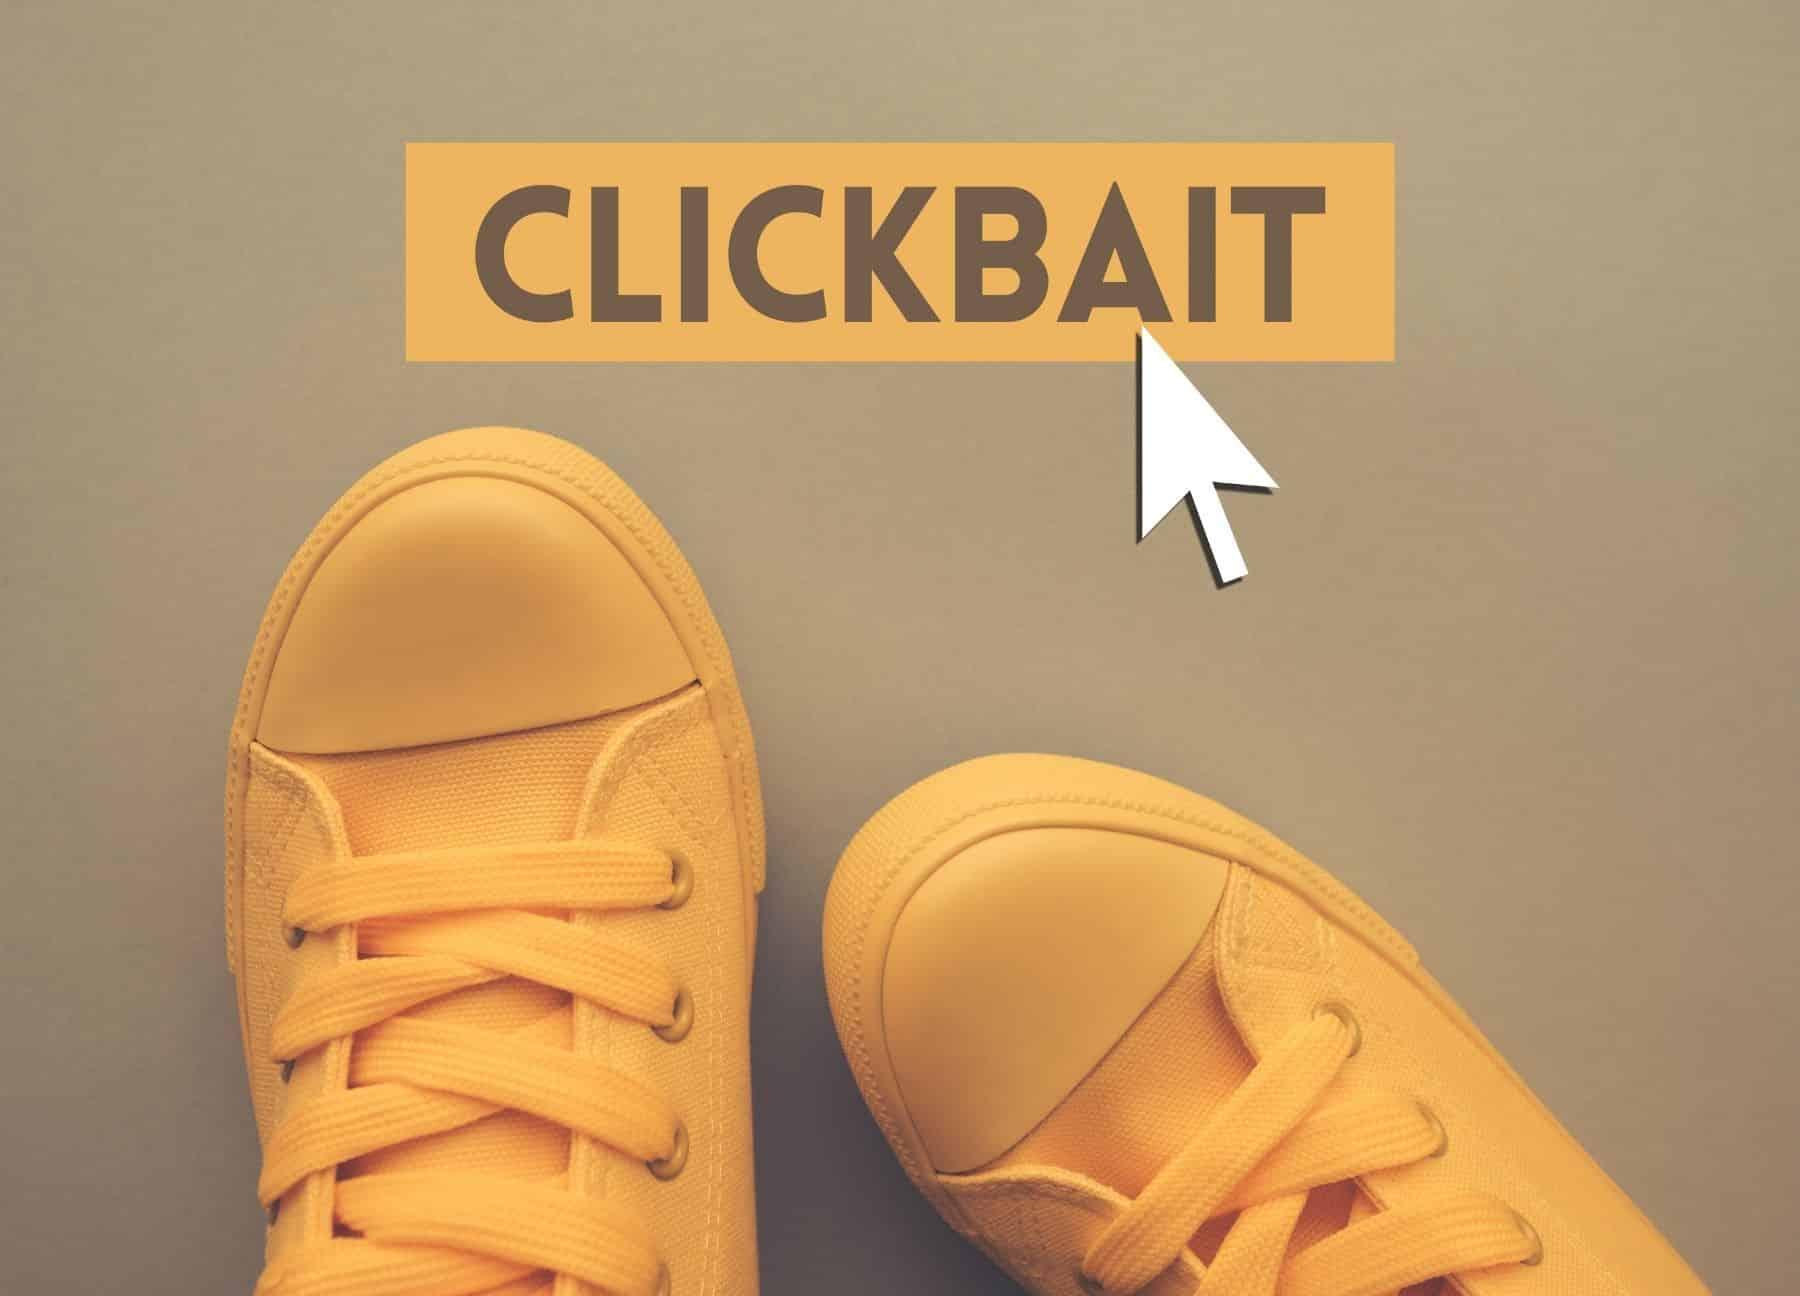 Positives Clickbait Marketing